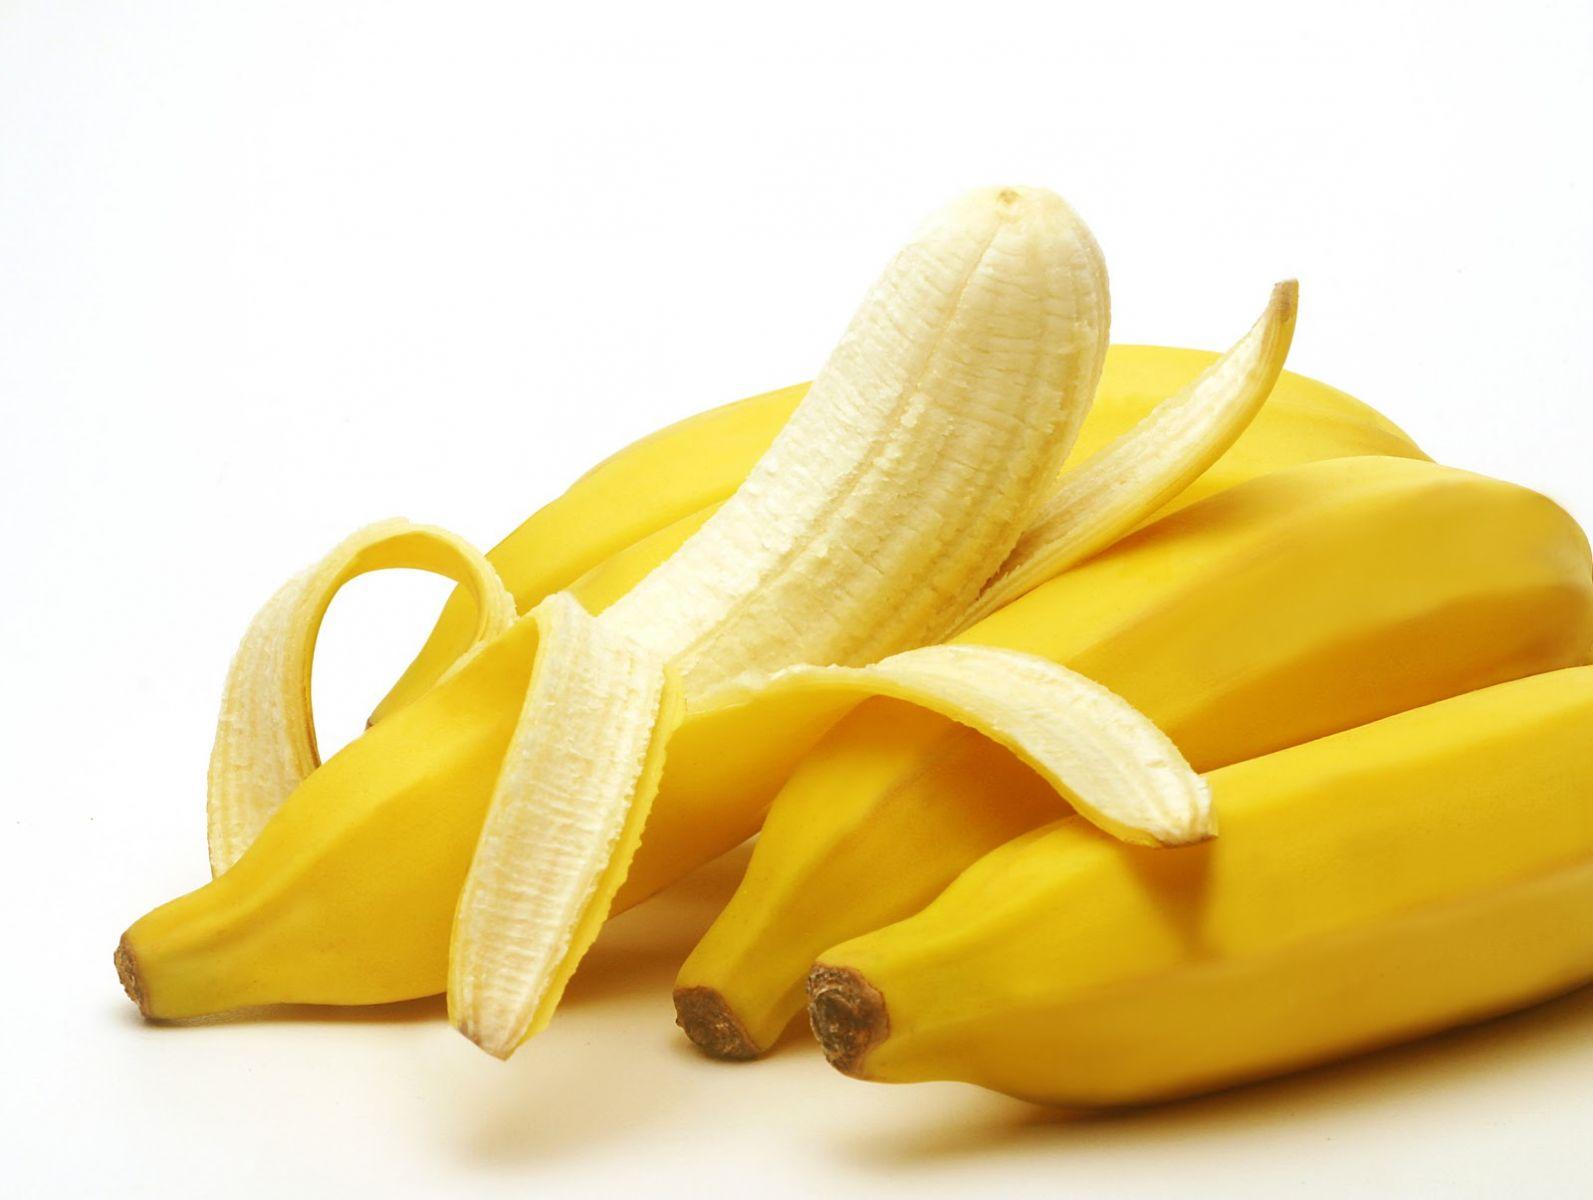 Chỉ cần dùng những loại trái cây cực tốt này, nam giới sẽ chẳng còn mệt mỏi khi 'yêu' - Ảnh 3